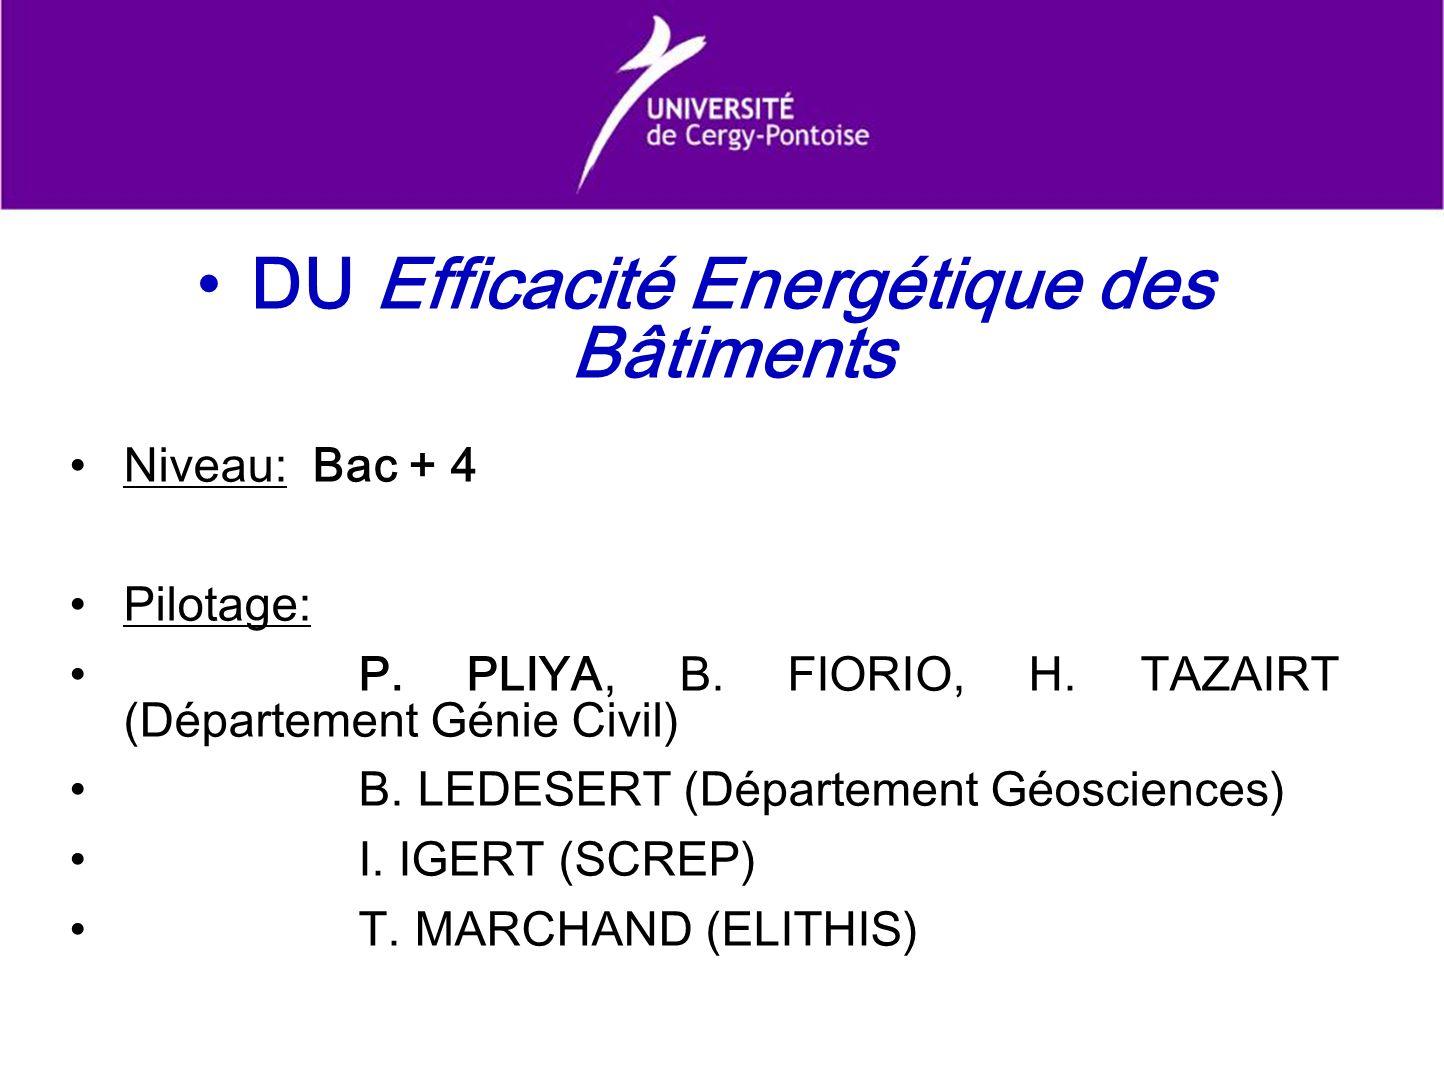 DU Efficacité Energétique des Bâtiments Niveau: Bac + 4 Pilotage: P. PLIYA, B. FIORIO, H. TAZAIRT (Département Génie Civil) B. LEDESERT (Département G